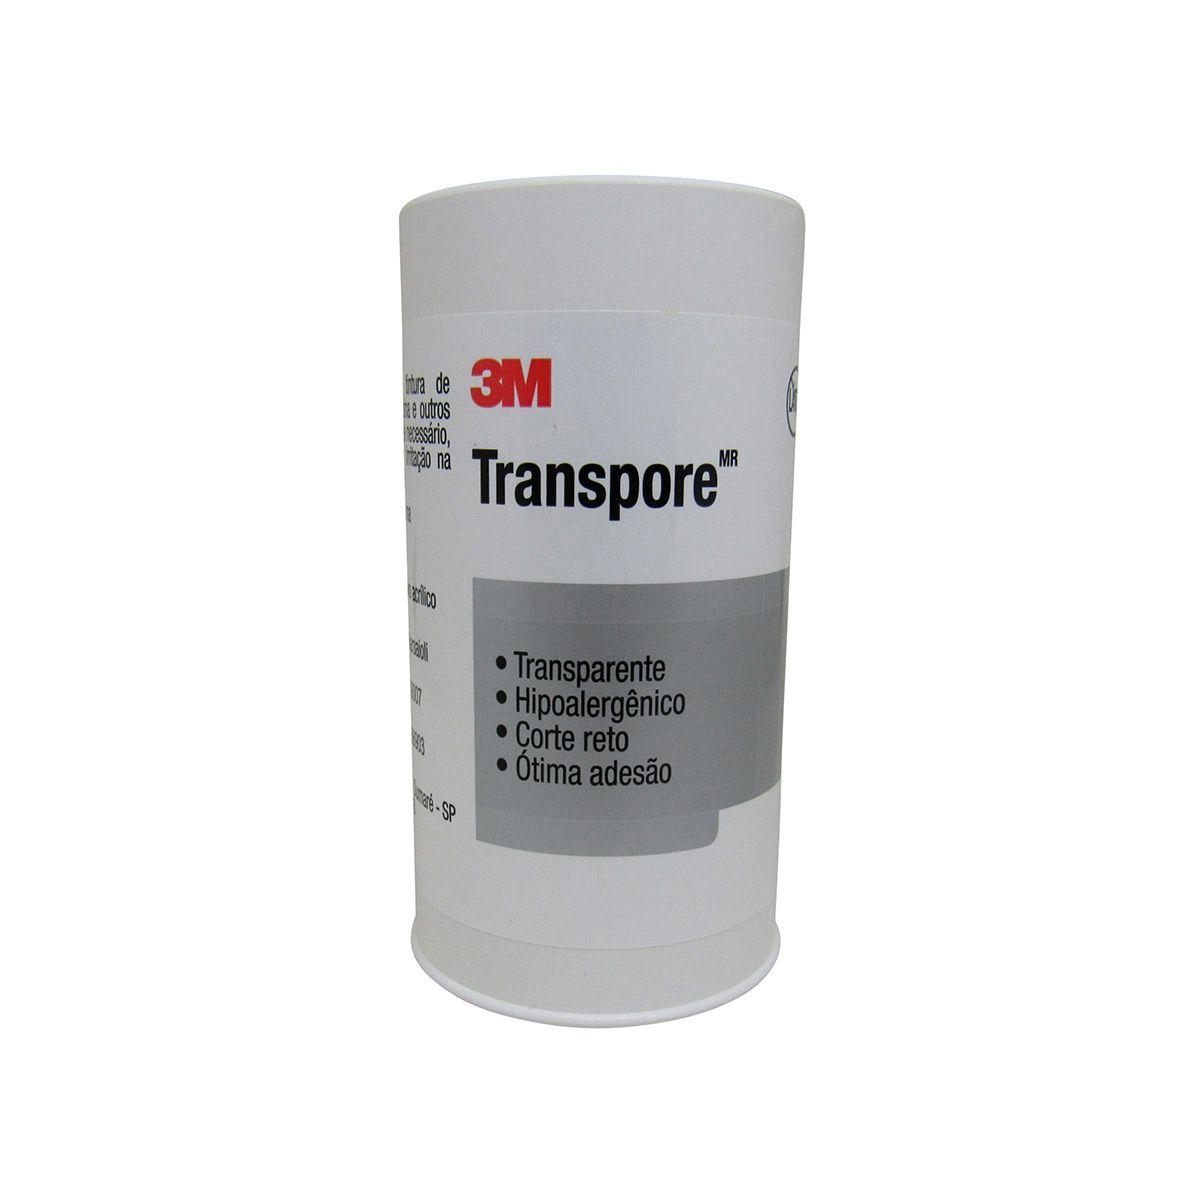 Esparadrapo 10cmx4,5m Transpore com capa 3M Kit com 4un